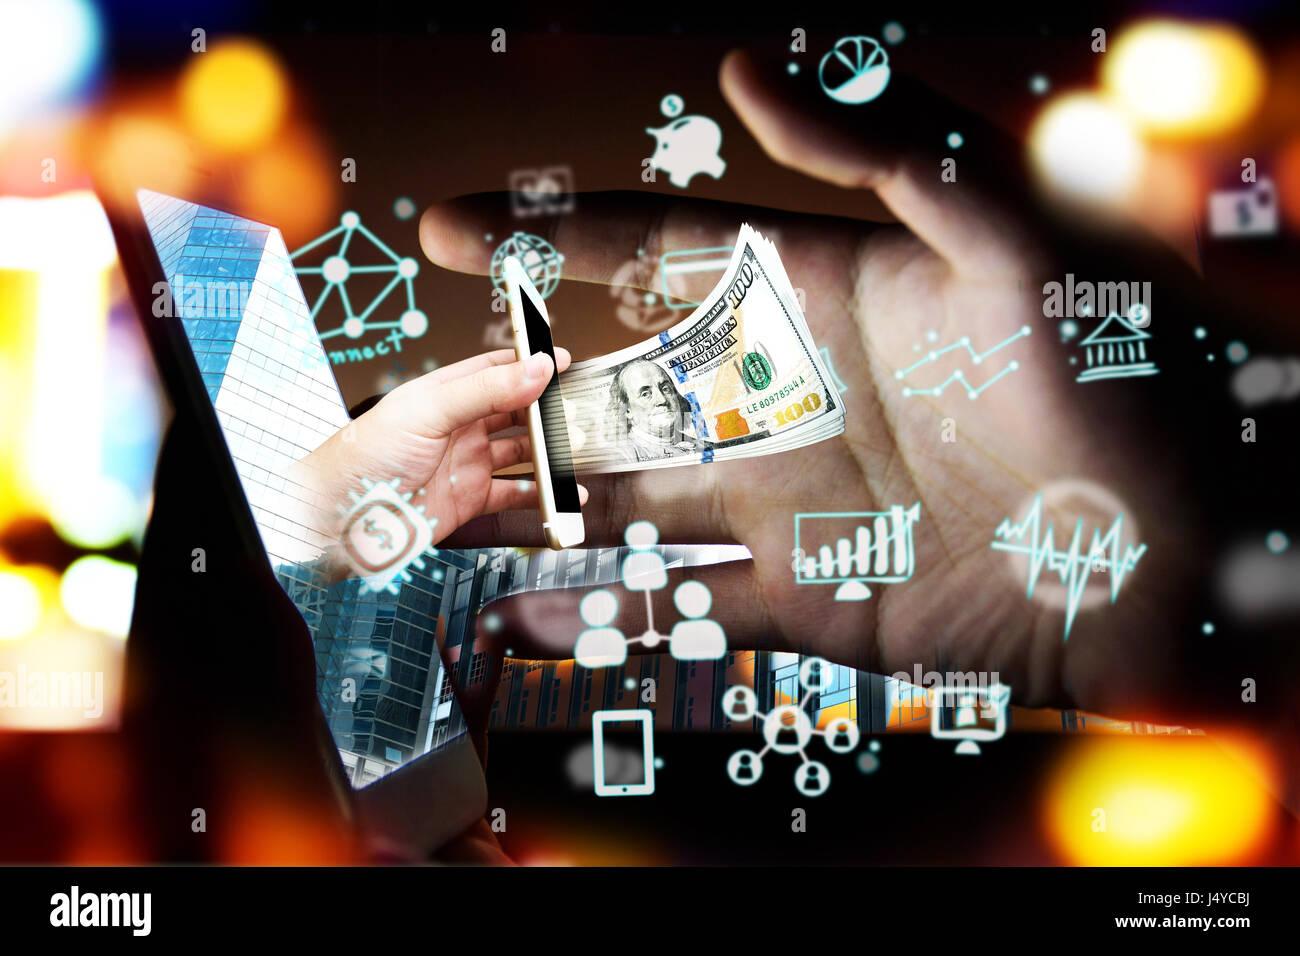 FinTech Finanztechnologie Anlagekonzept. P2P-Zahlung Konzept Bild. Start und Crowd-funding Konzept. Soziales Netzwerk Stockfoto